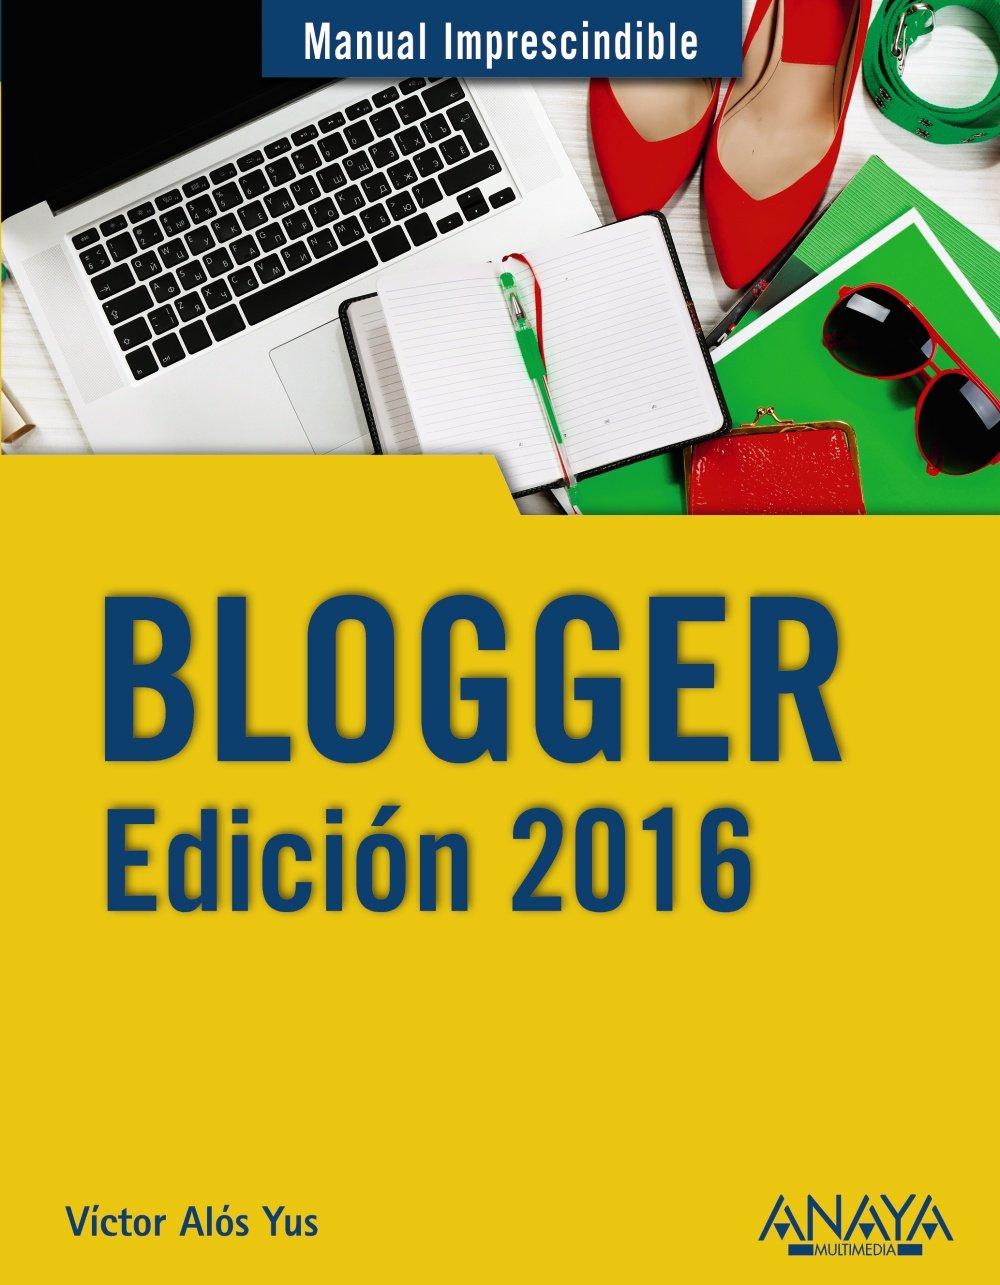 Blogger. Edición 2016 (Manuales Imprescindibles): Amazon.es: Víctor Alós Yus: Libros